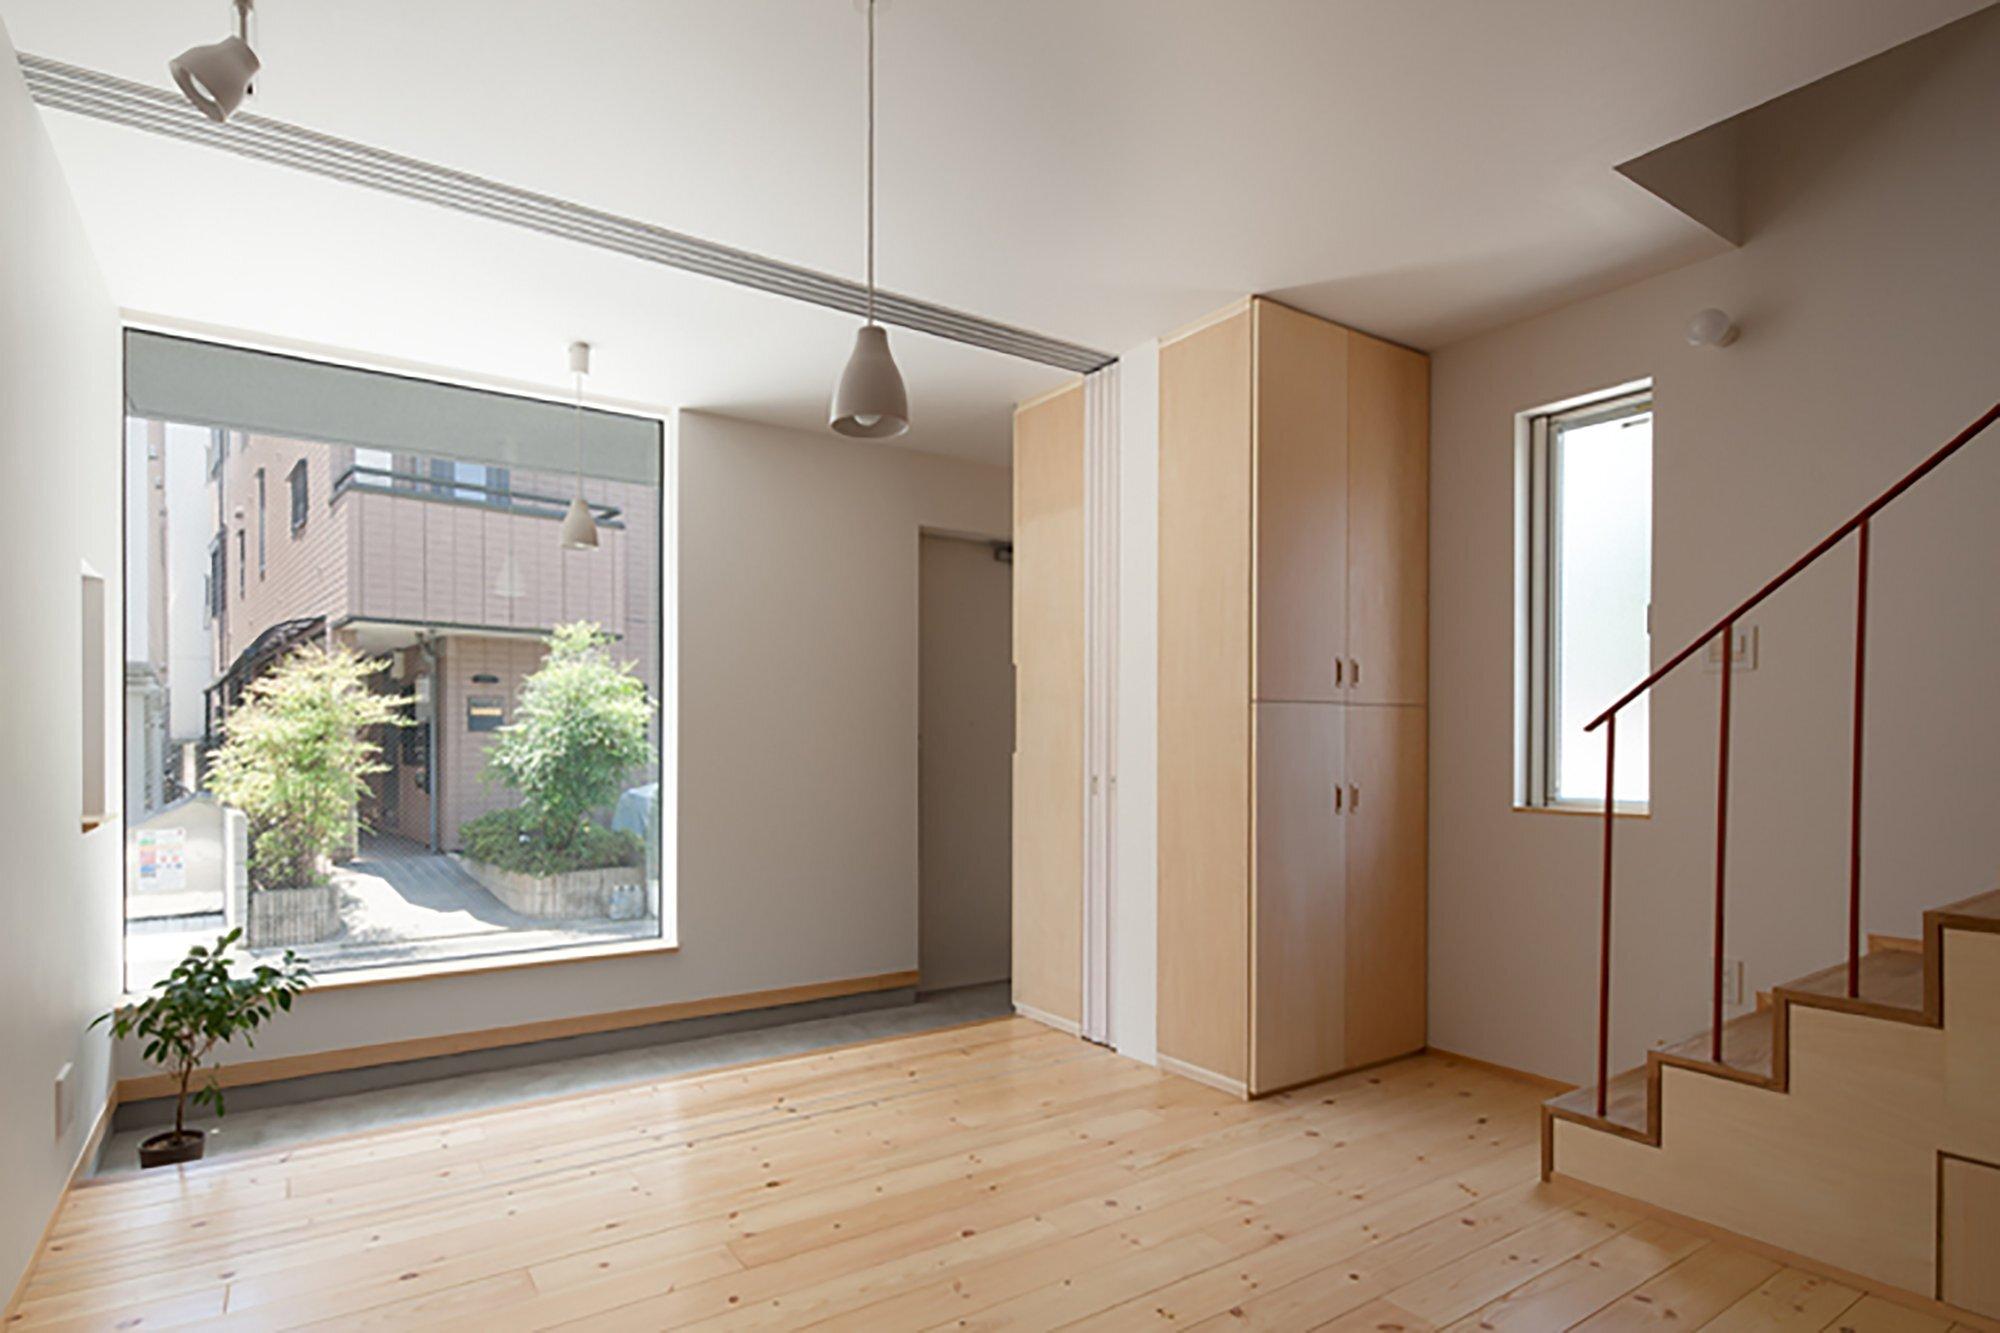 Nakano Fireproof Wooden House - Masashi Ogihara - Nakano, Japan - Small Japanese House - Entrance - Humble Homes